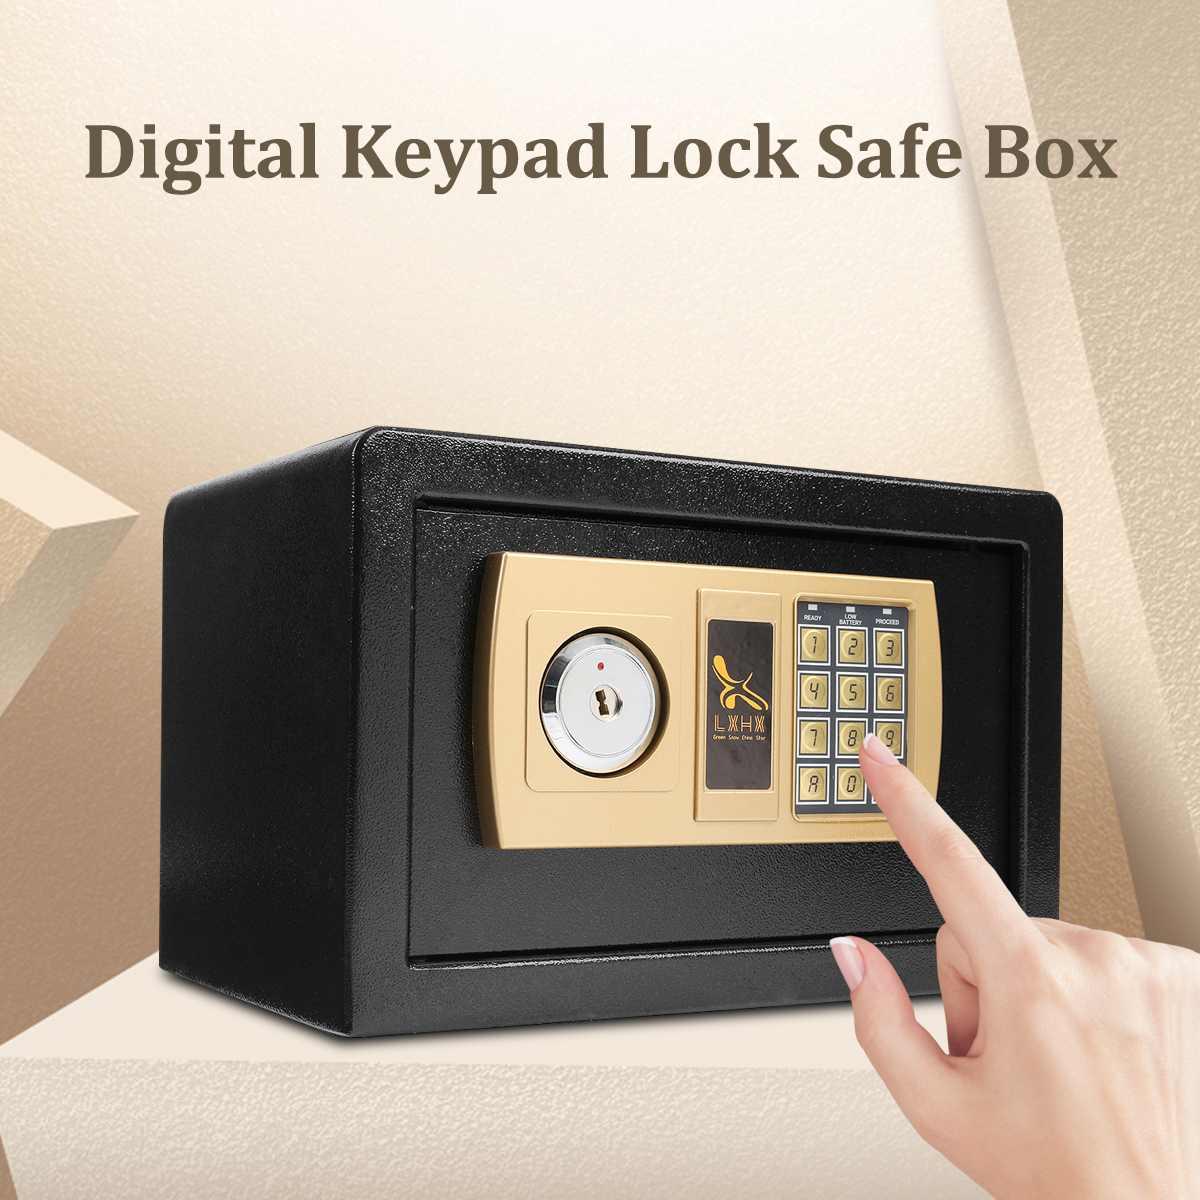 Safurance класса люкс цифровой хранилище падение Сейф для наличности шкатулка дома отель блокировка клавиатуры черный ремень безопасности кор